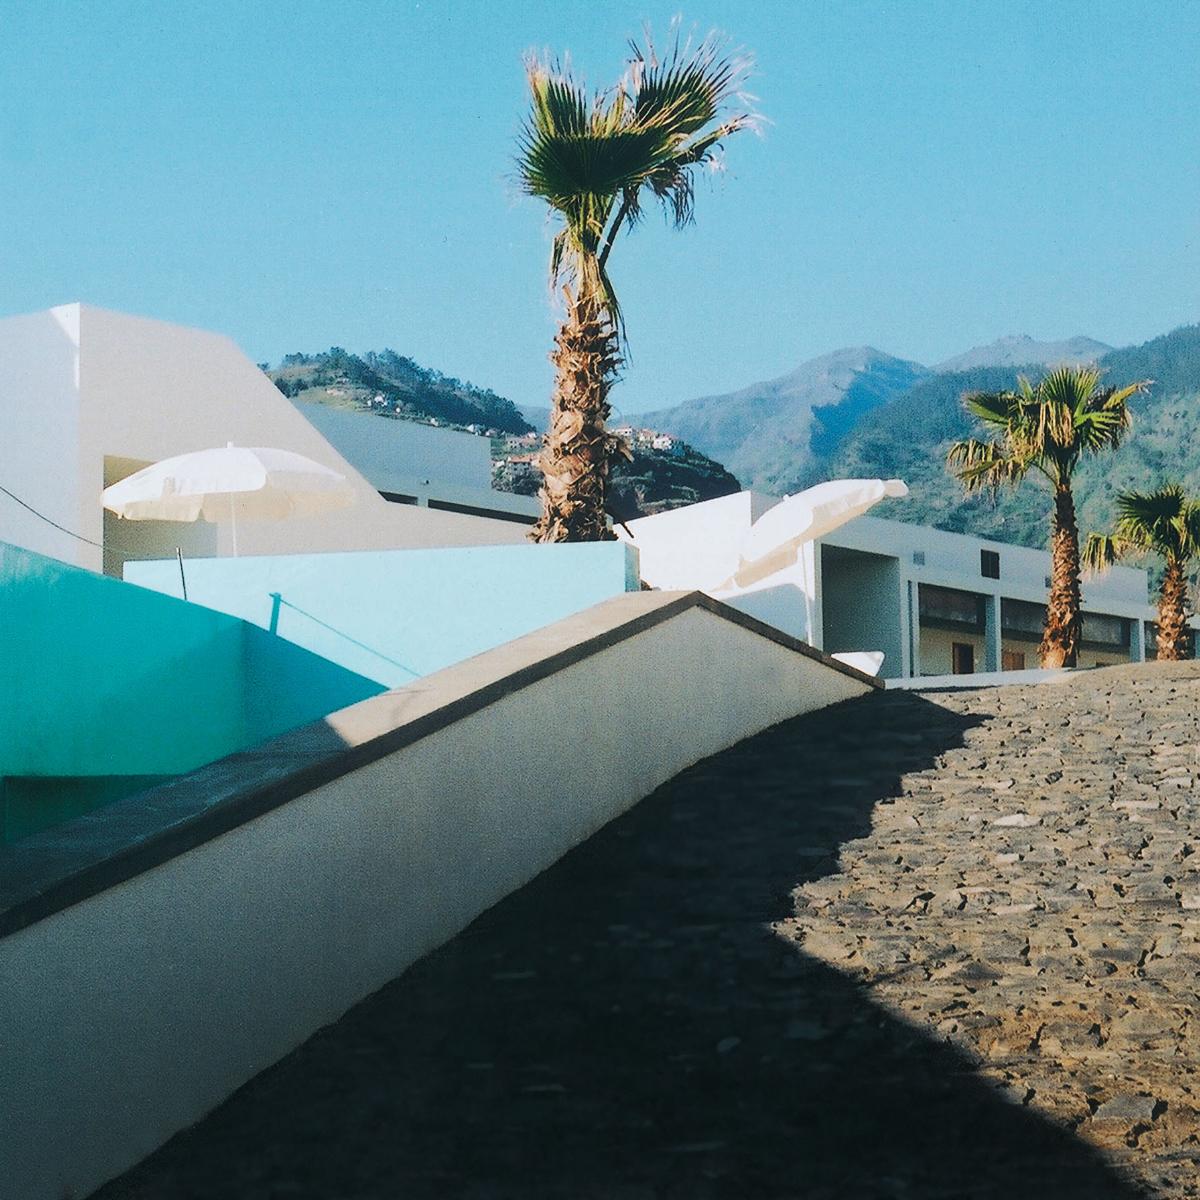 Ponta do sol auf Madeira (18)